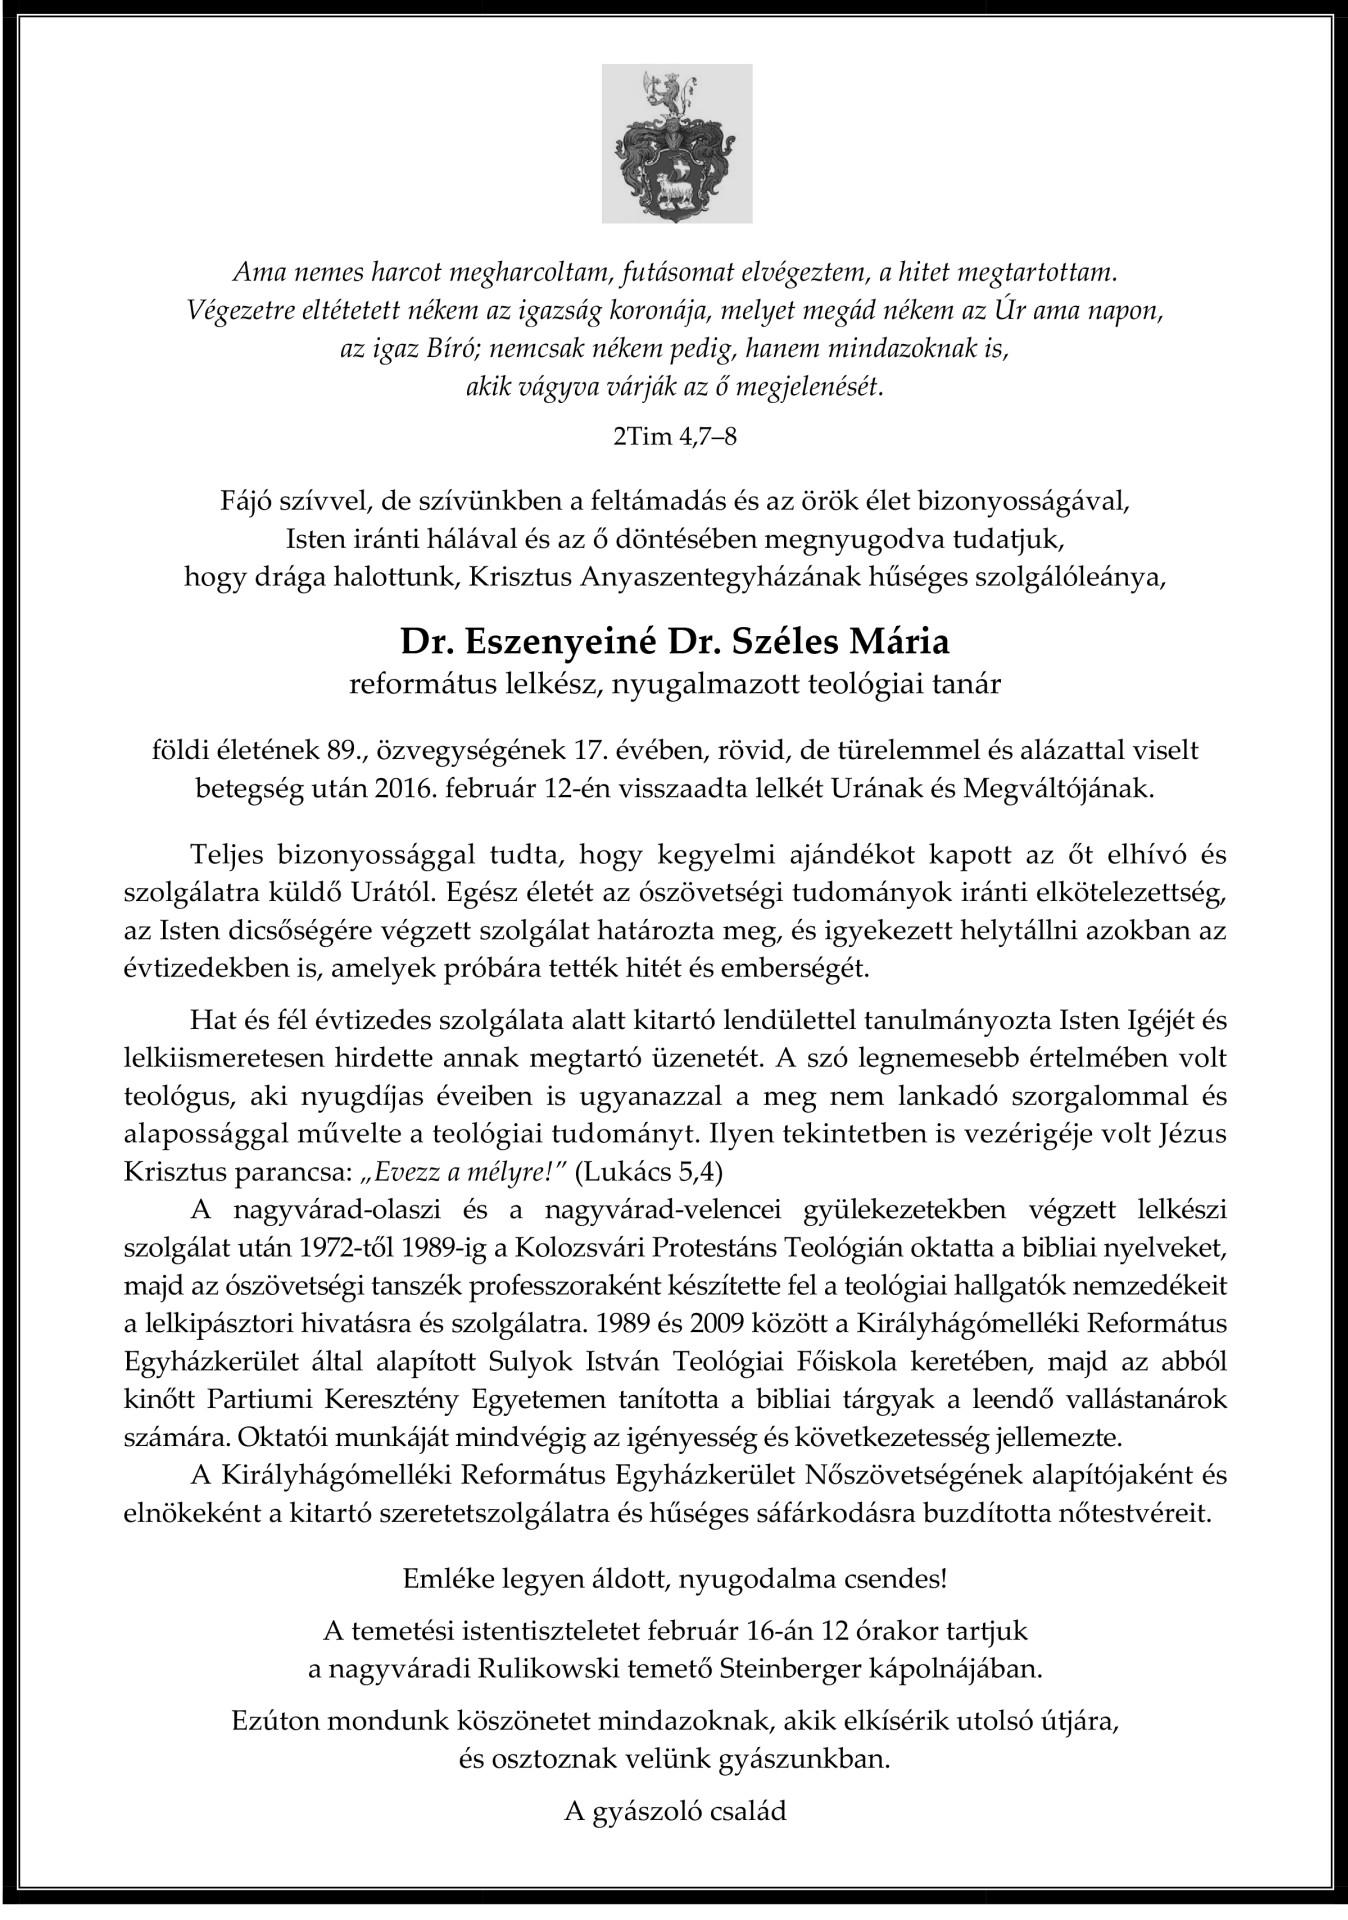 Gyászjelentés - Dr. Eszenyeiné Dr. Széles Mária